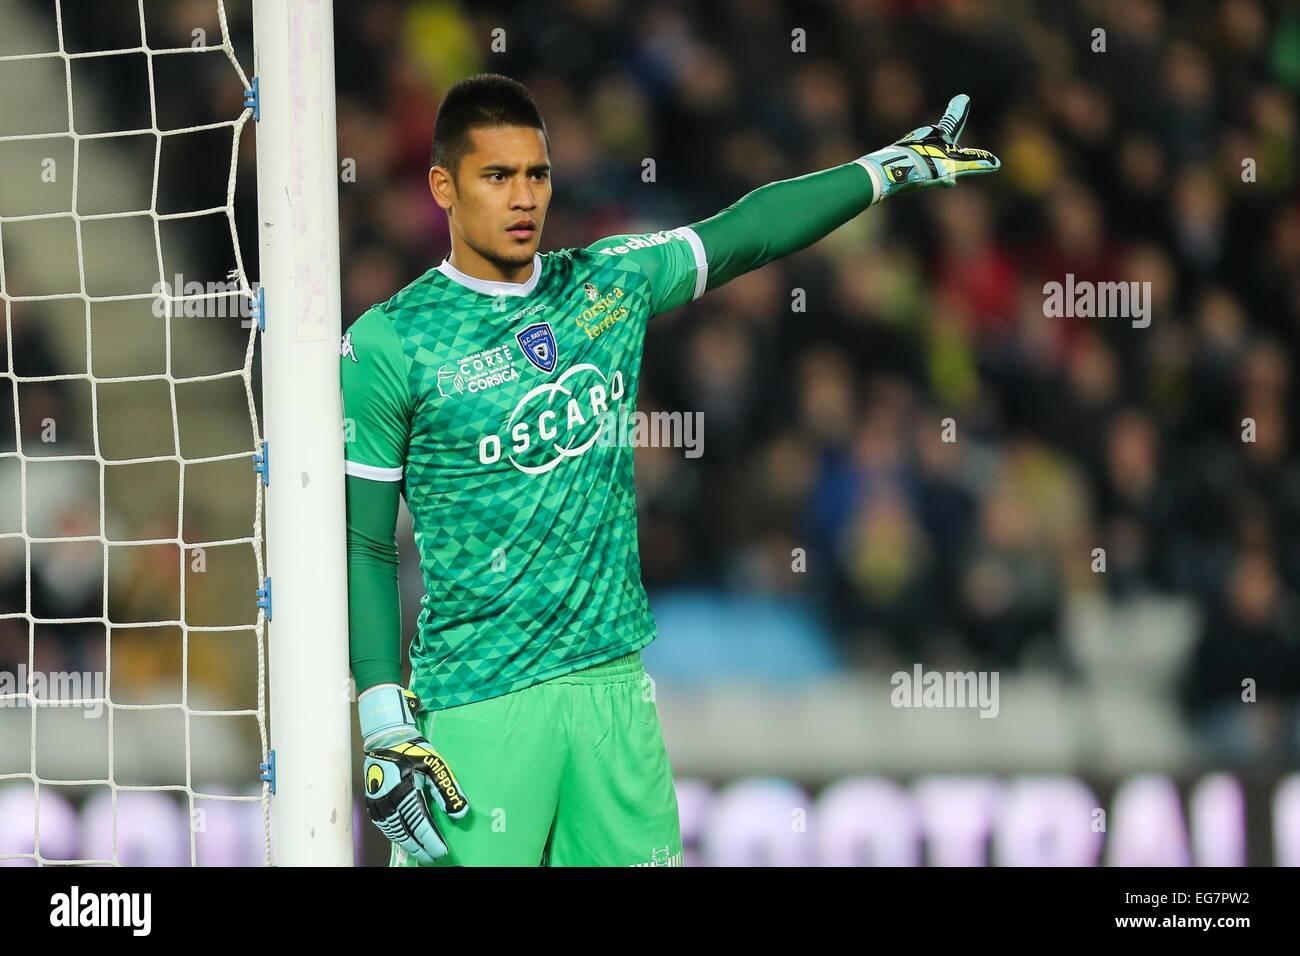 a64893c3c34 Alphonse AREOLA - 14.02.2015 - Nantes/Bastia - 25eme journee de Ligue 1